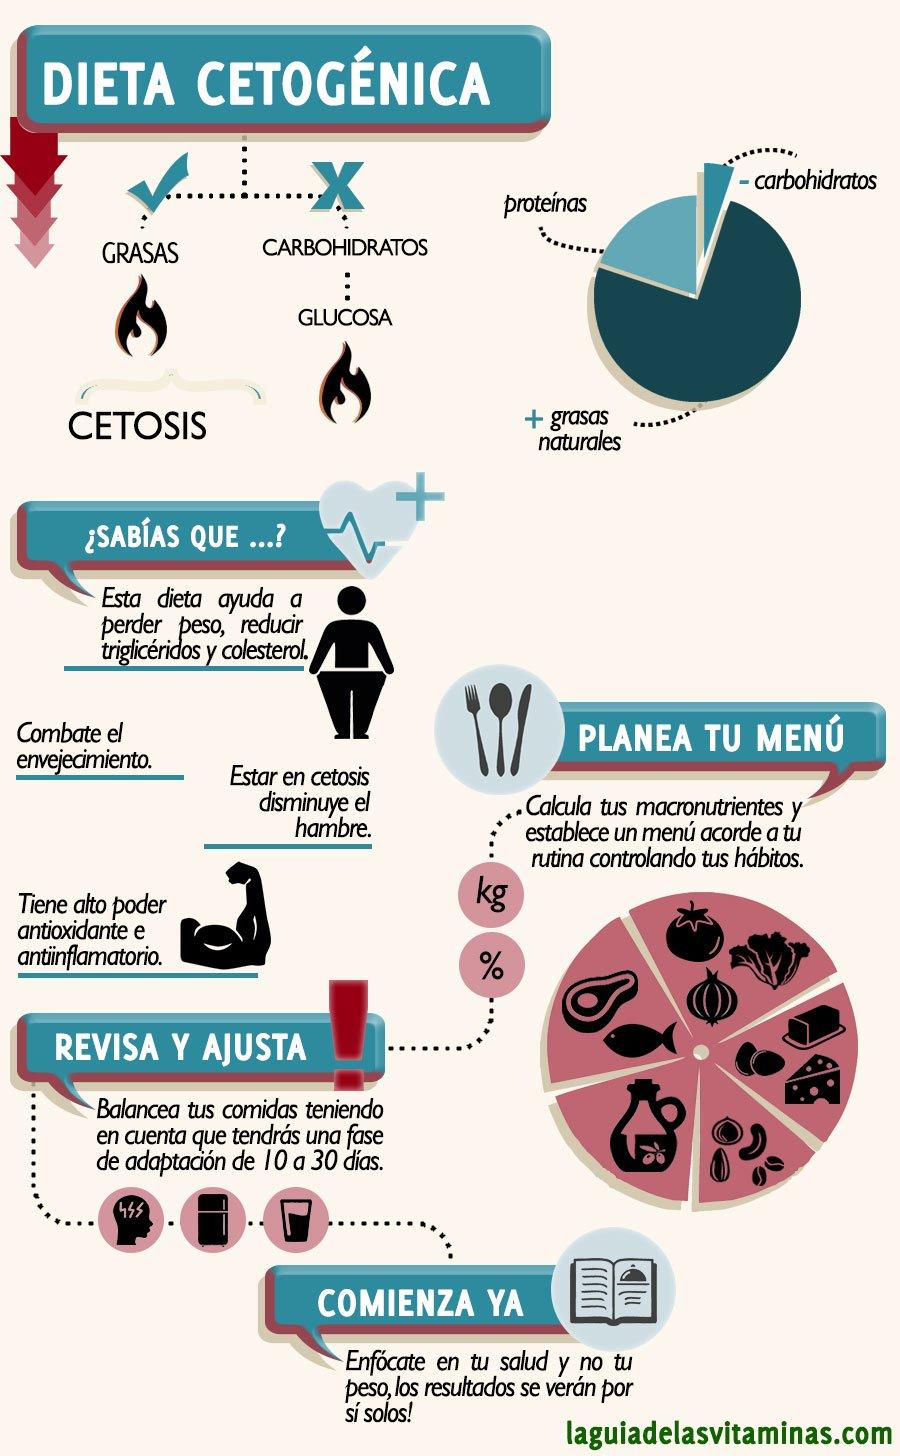 Dieta cetogenica cancer pulmon